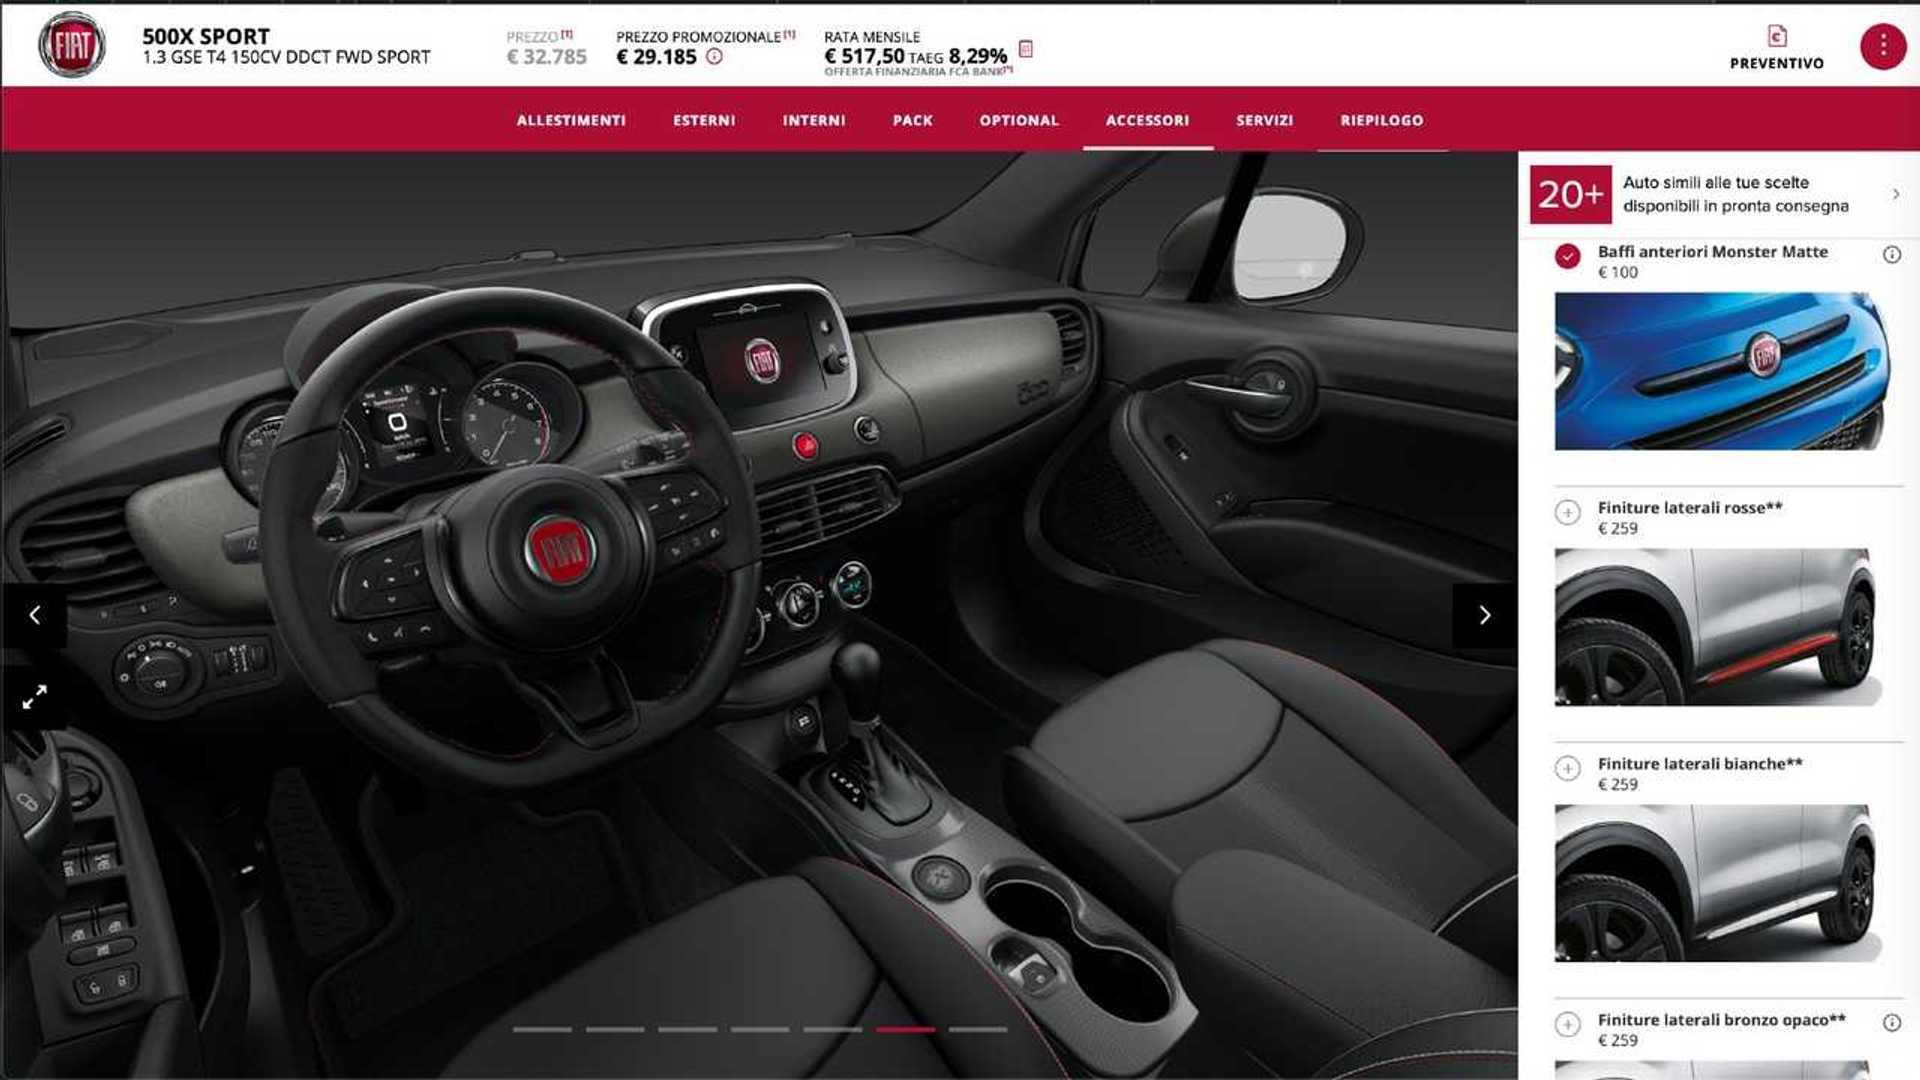 Fiat 500x Cosa Scegliere Tra Gli Allestimenti Cross E Sport